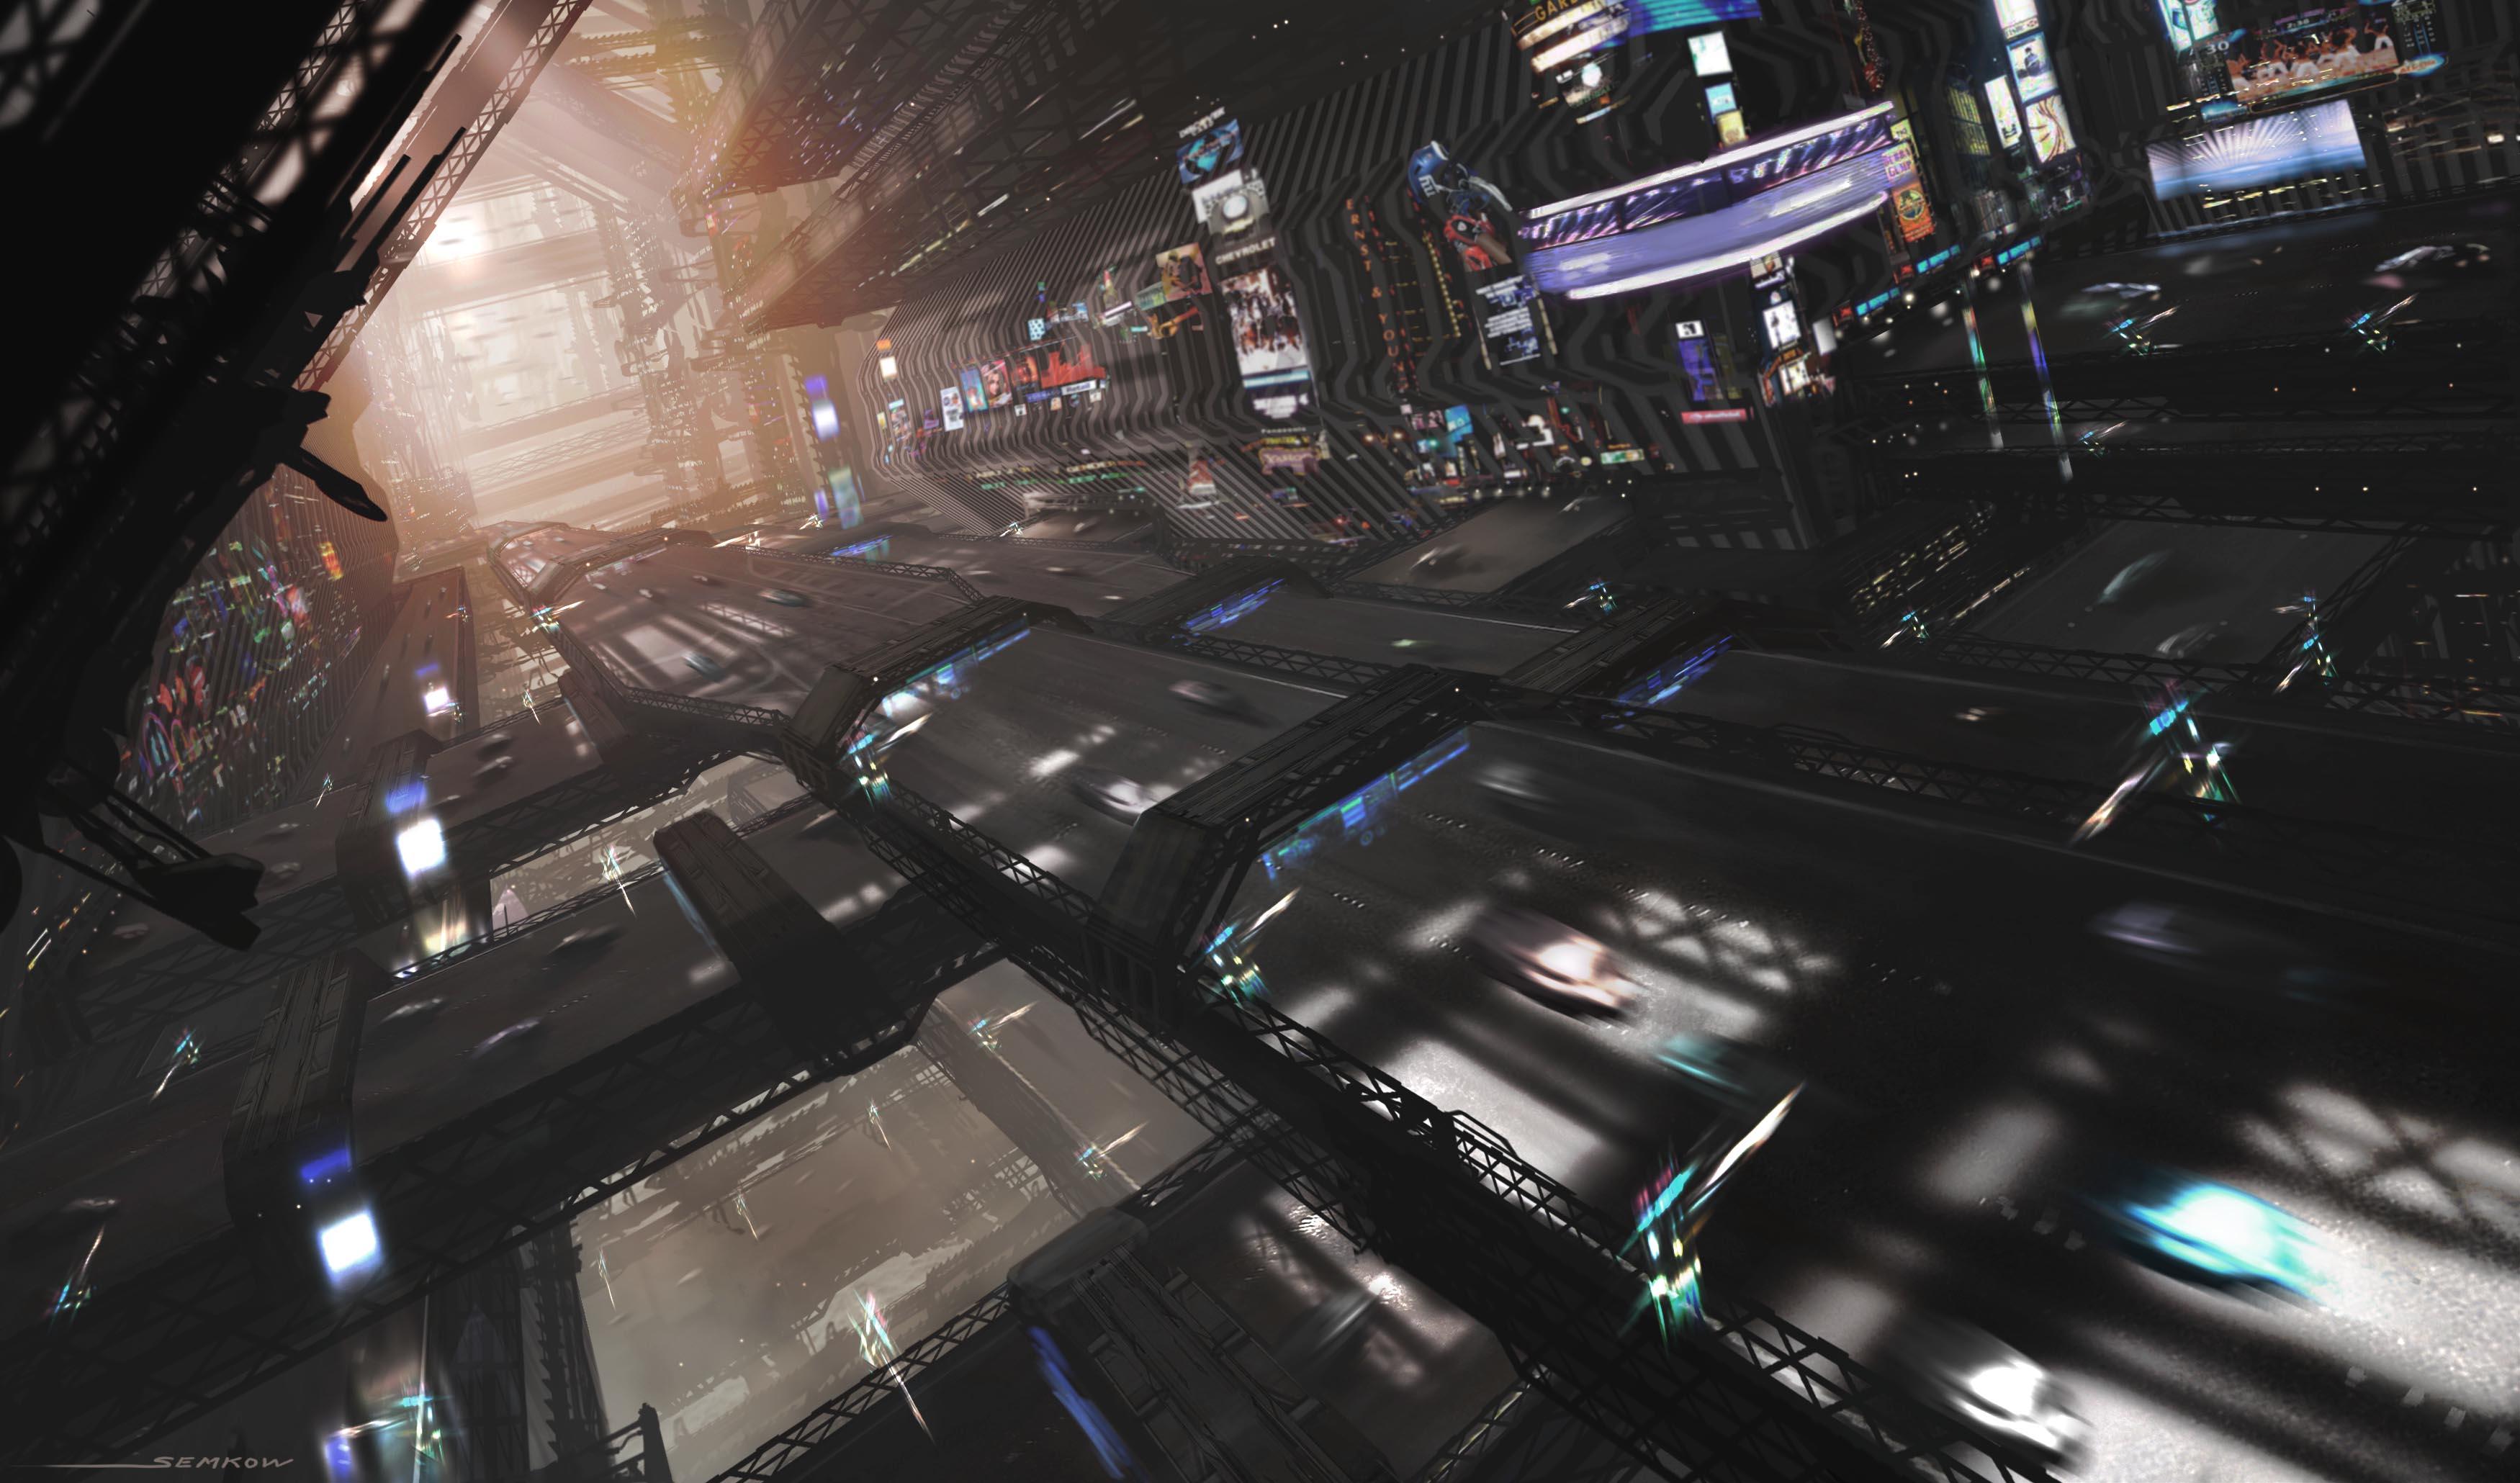 Cyberpunk Wallpapers - Wallpaper Cave